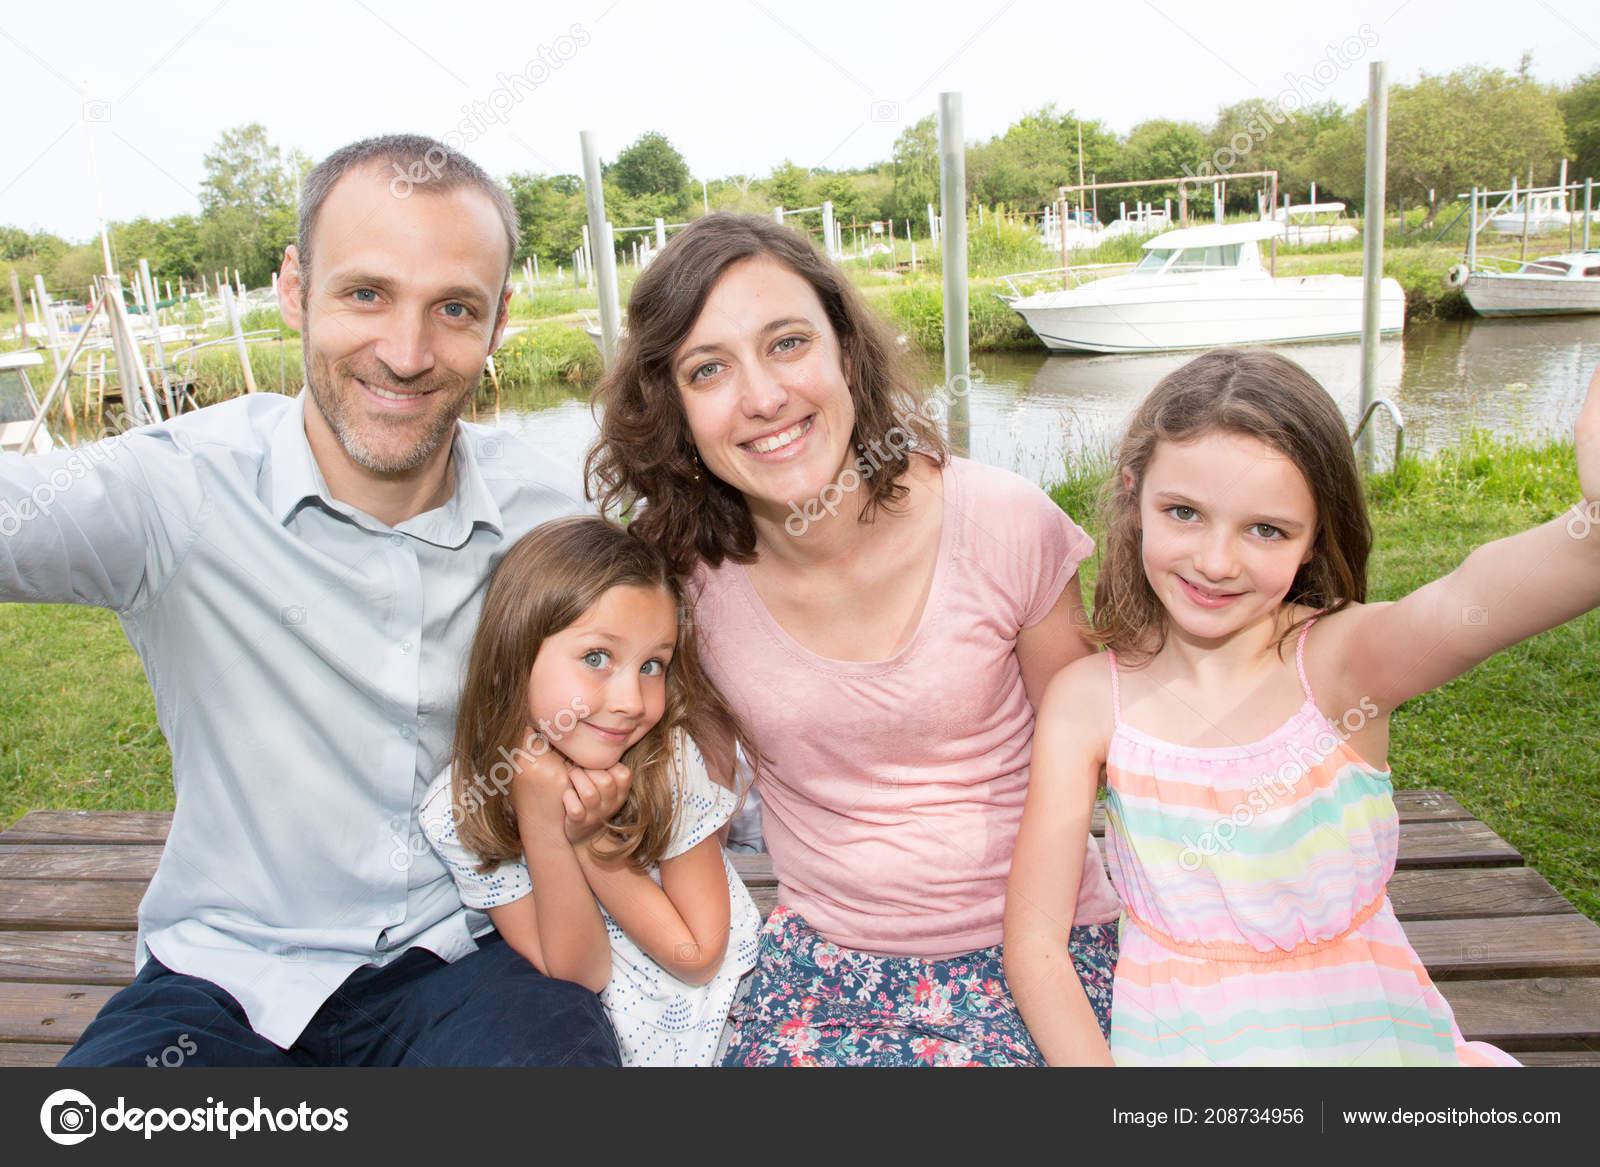 γιαγιά όργιο εικόνες μεγάλο μαύρο στρόφιγγες να πιπιλίζουν